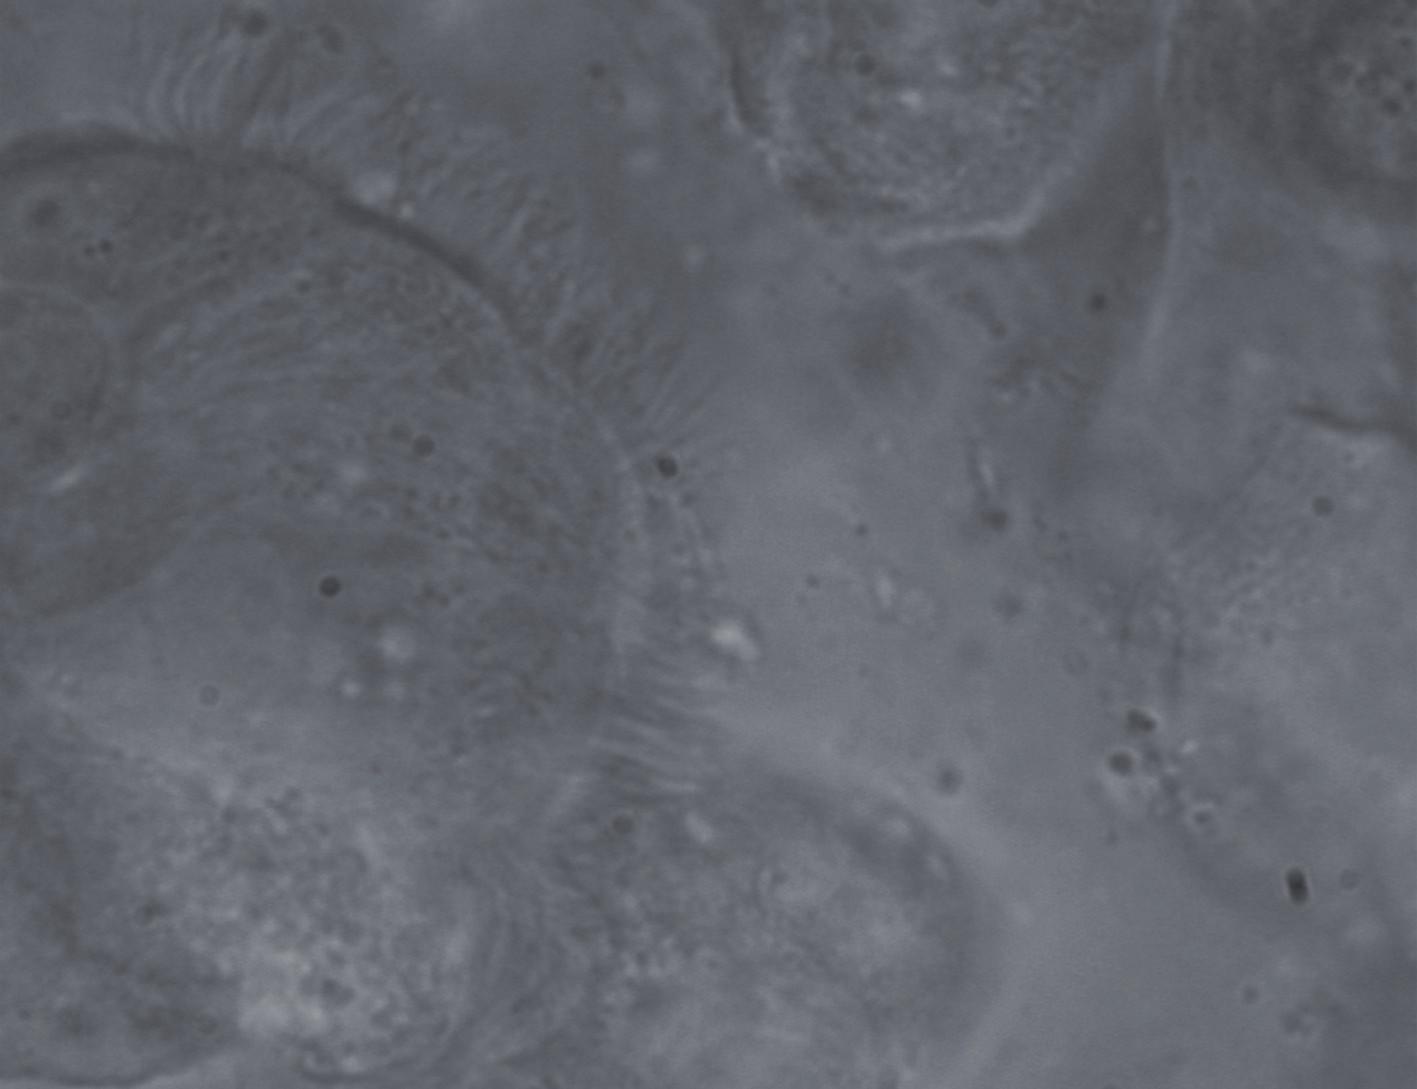 Několik respiračních epiteliálních buněk v 1 000násobném zvětšení při mikroskopickém vyšetření v zástinu. Dobře patrná je metachronně se pohybující ciliární vrstva (detailní a přesné hodnocení ciliárních parametrů z 5–7 míst vzorku trvá zhruba 20 min).